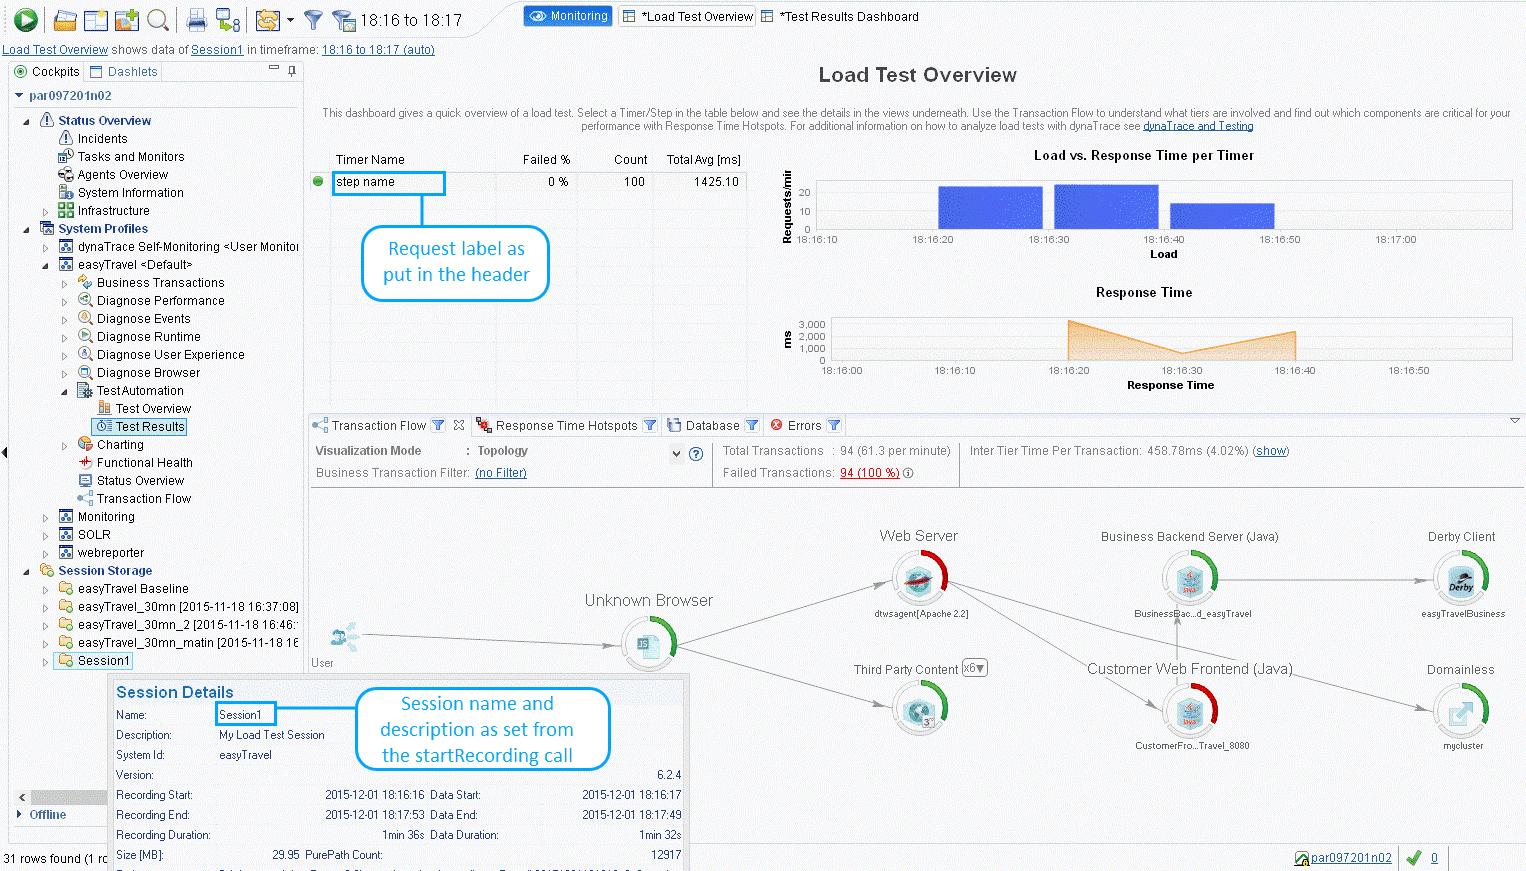 Gatling/AppMon 7 0 integration | AppMon documentation